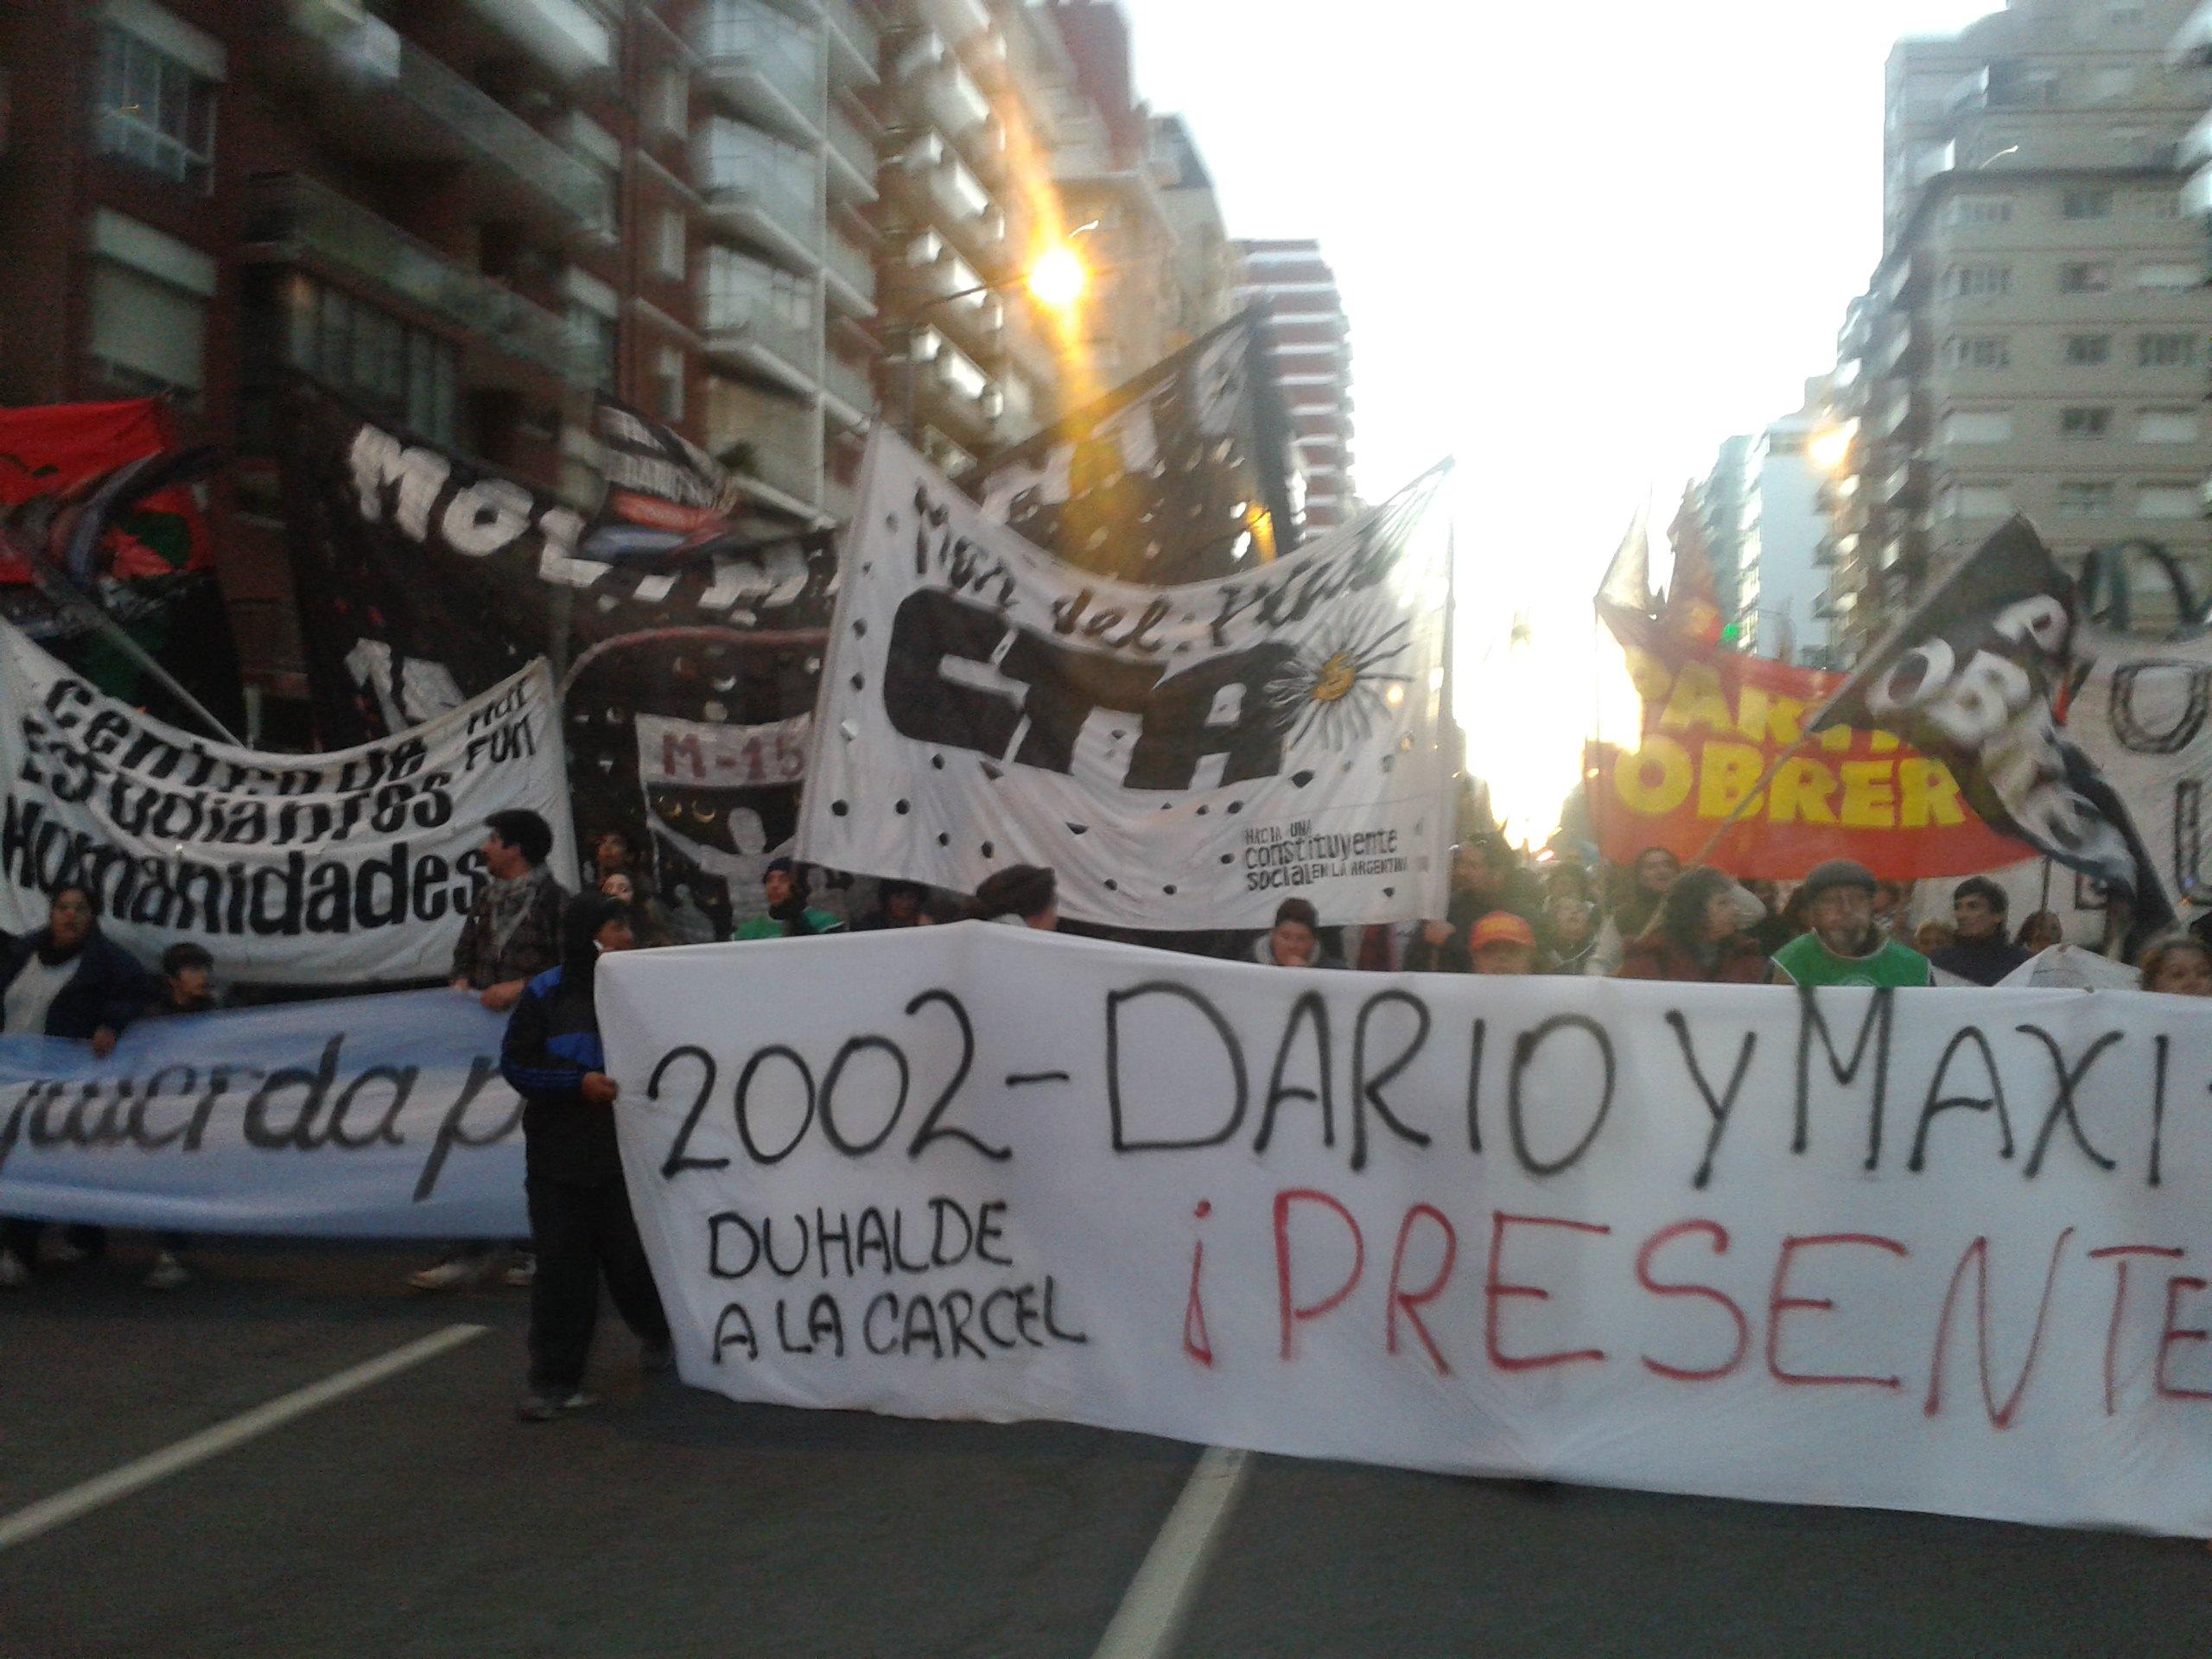 12 años de la Masacre de Avellaneda ¡Darío y Maxi, presentes!